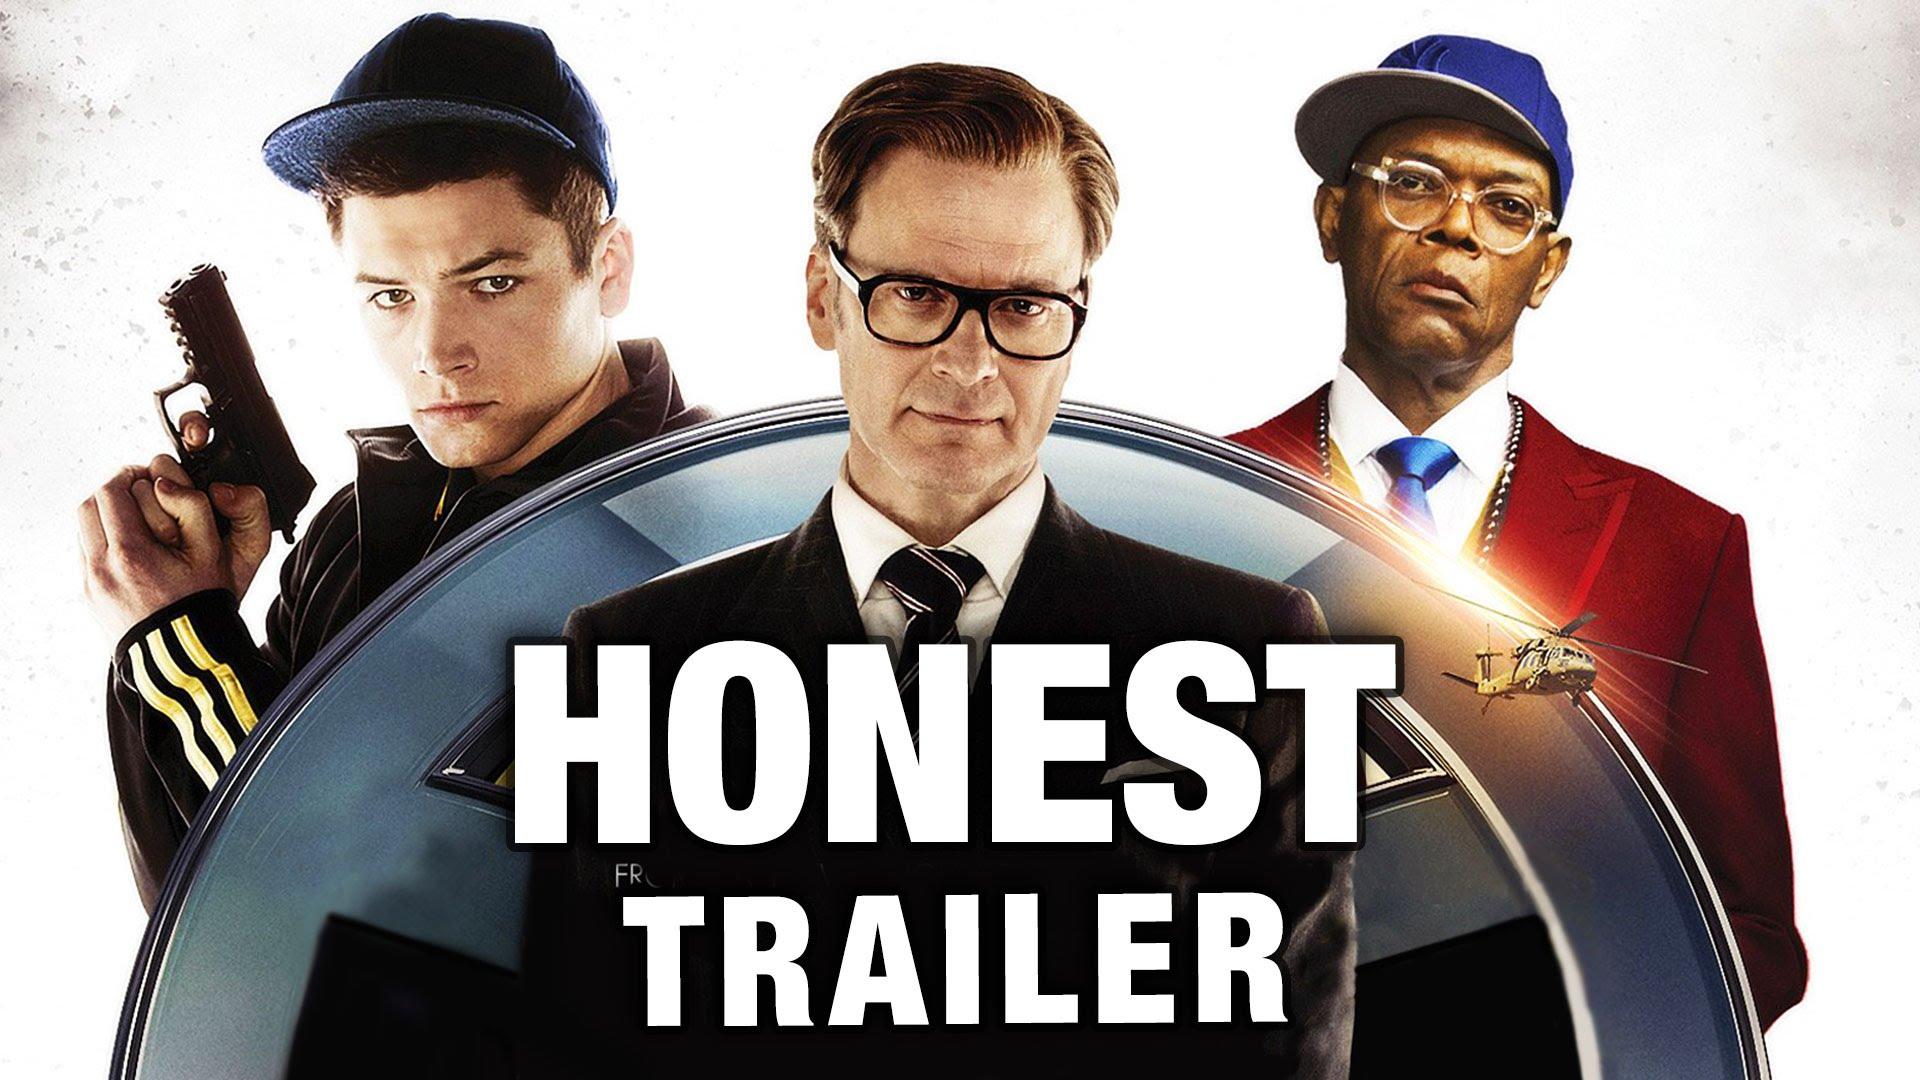 Kingsman The Secret Service Q A With: Honest Trailer - Kingsman: The Secret Service